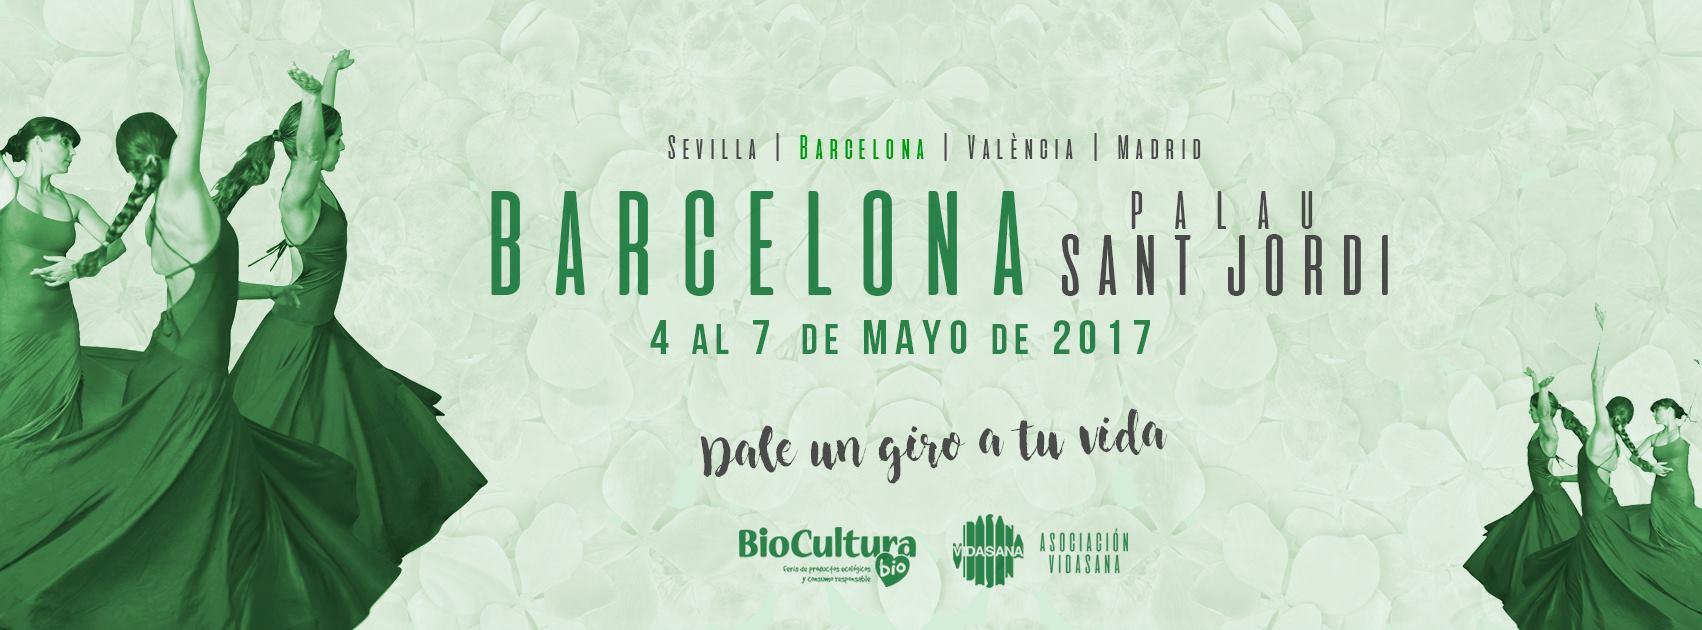 Hoy comienza la 34ª edición de BioCultura Barcelona